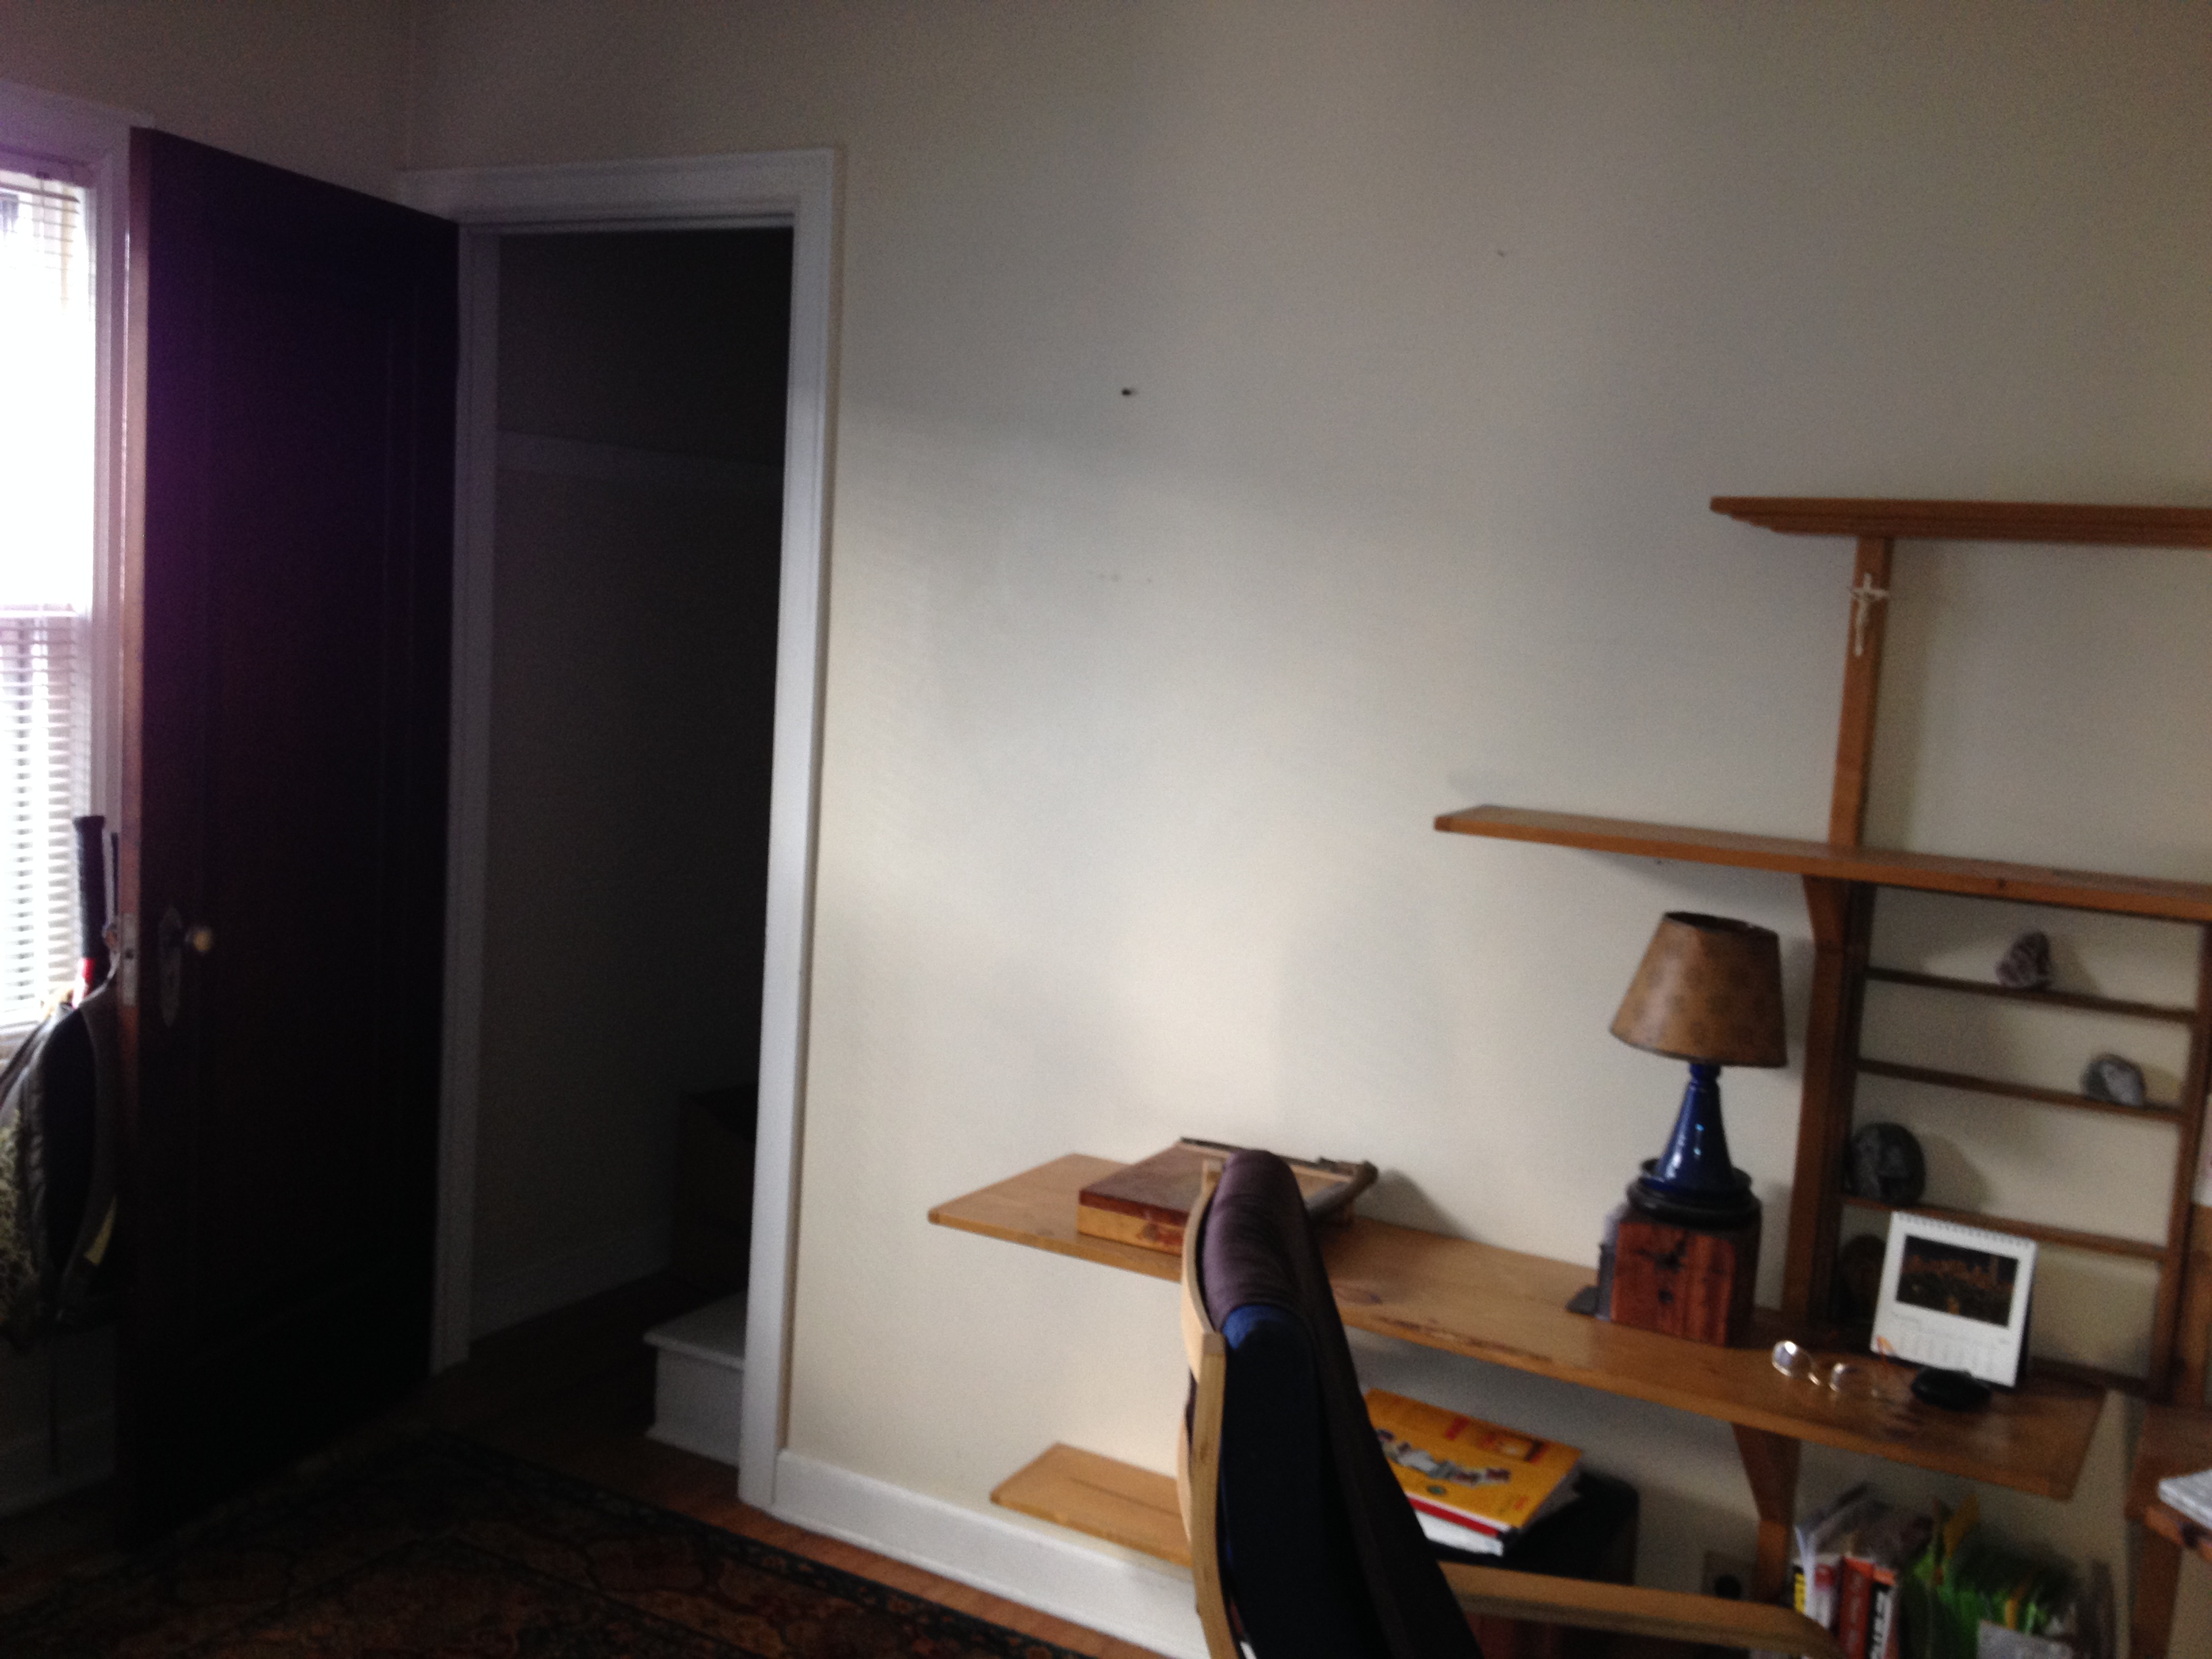 Door to upstairs before